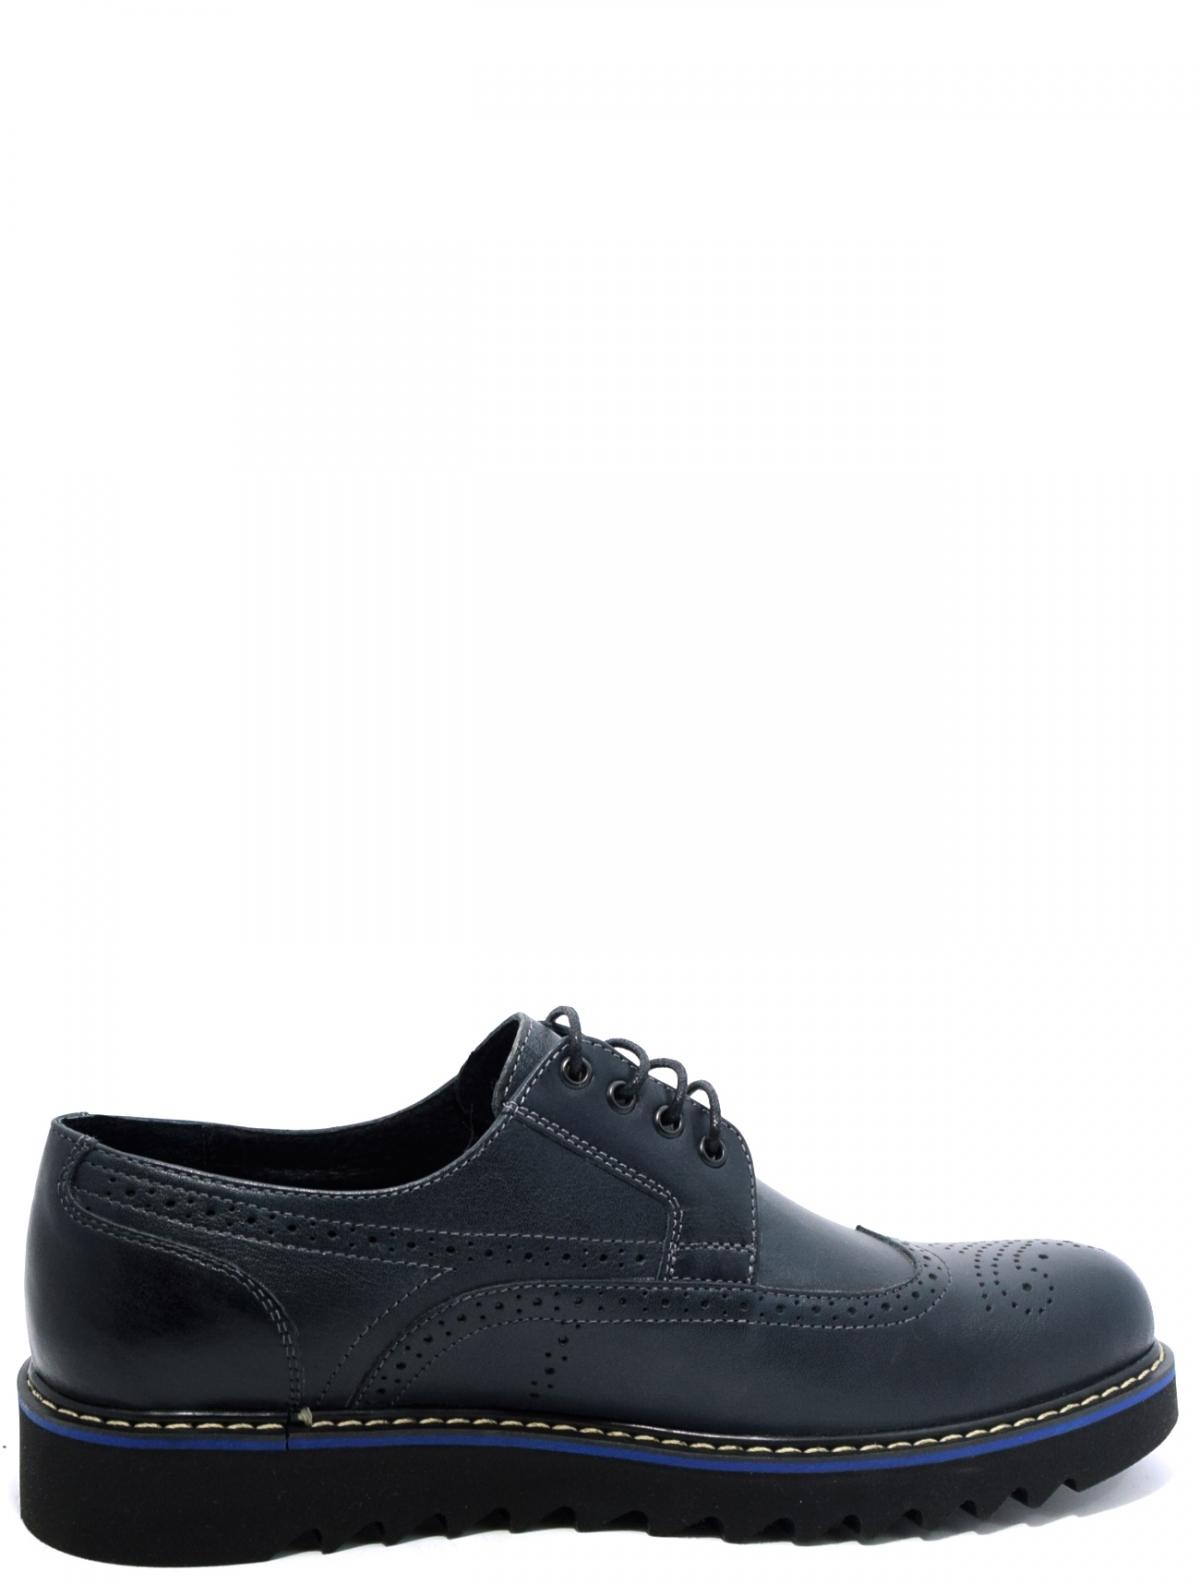 EDERRO 98-913-102 мужские туфли